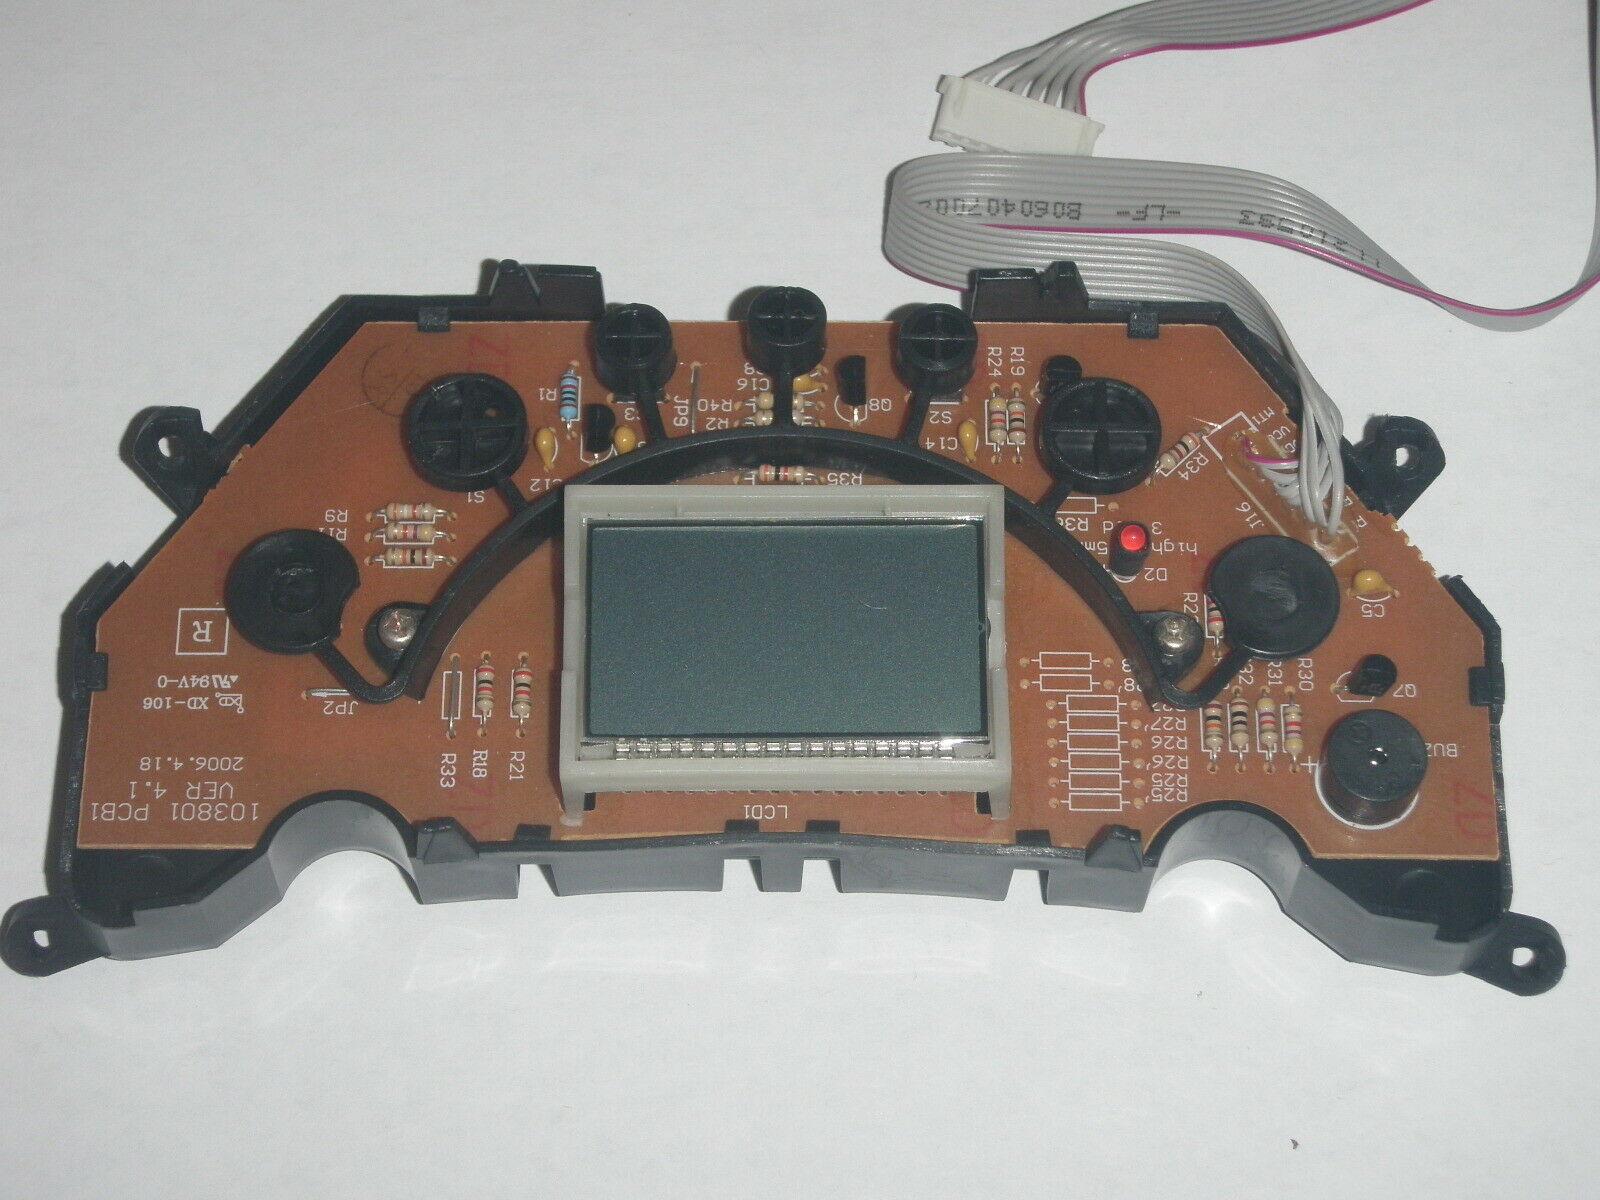 Breadman Bread Maker Control Panel for Model TR875 image 2